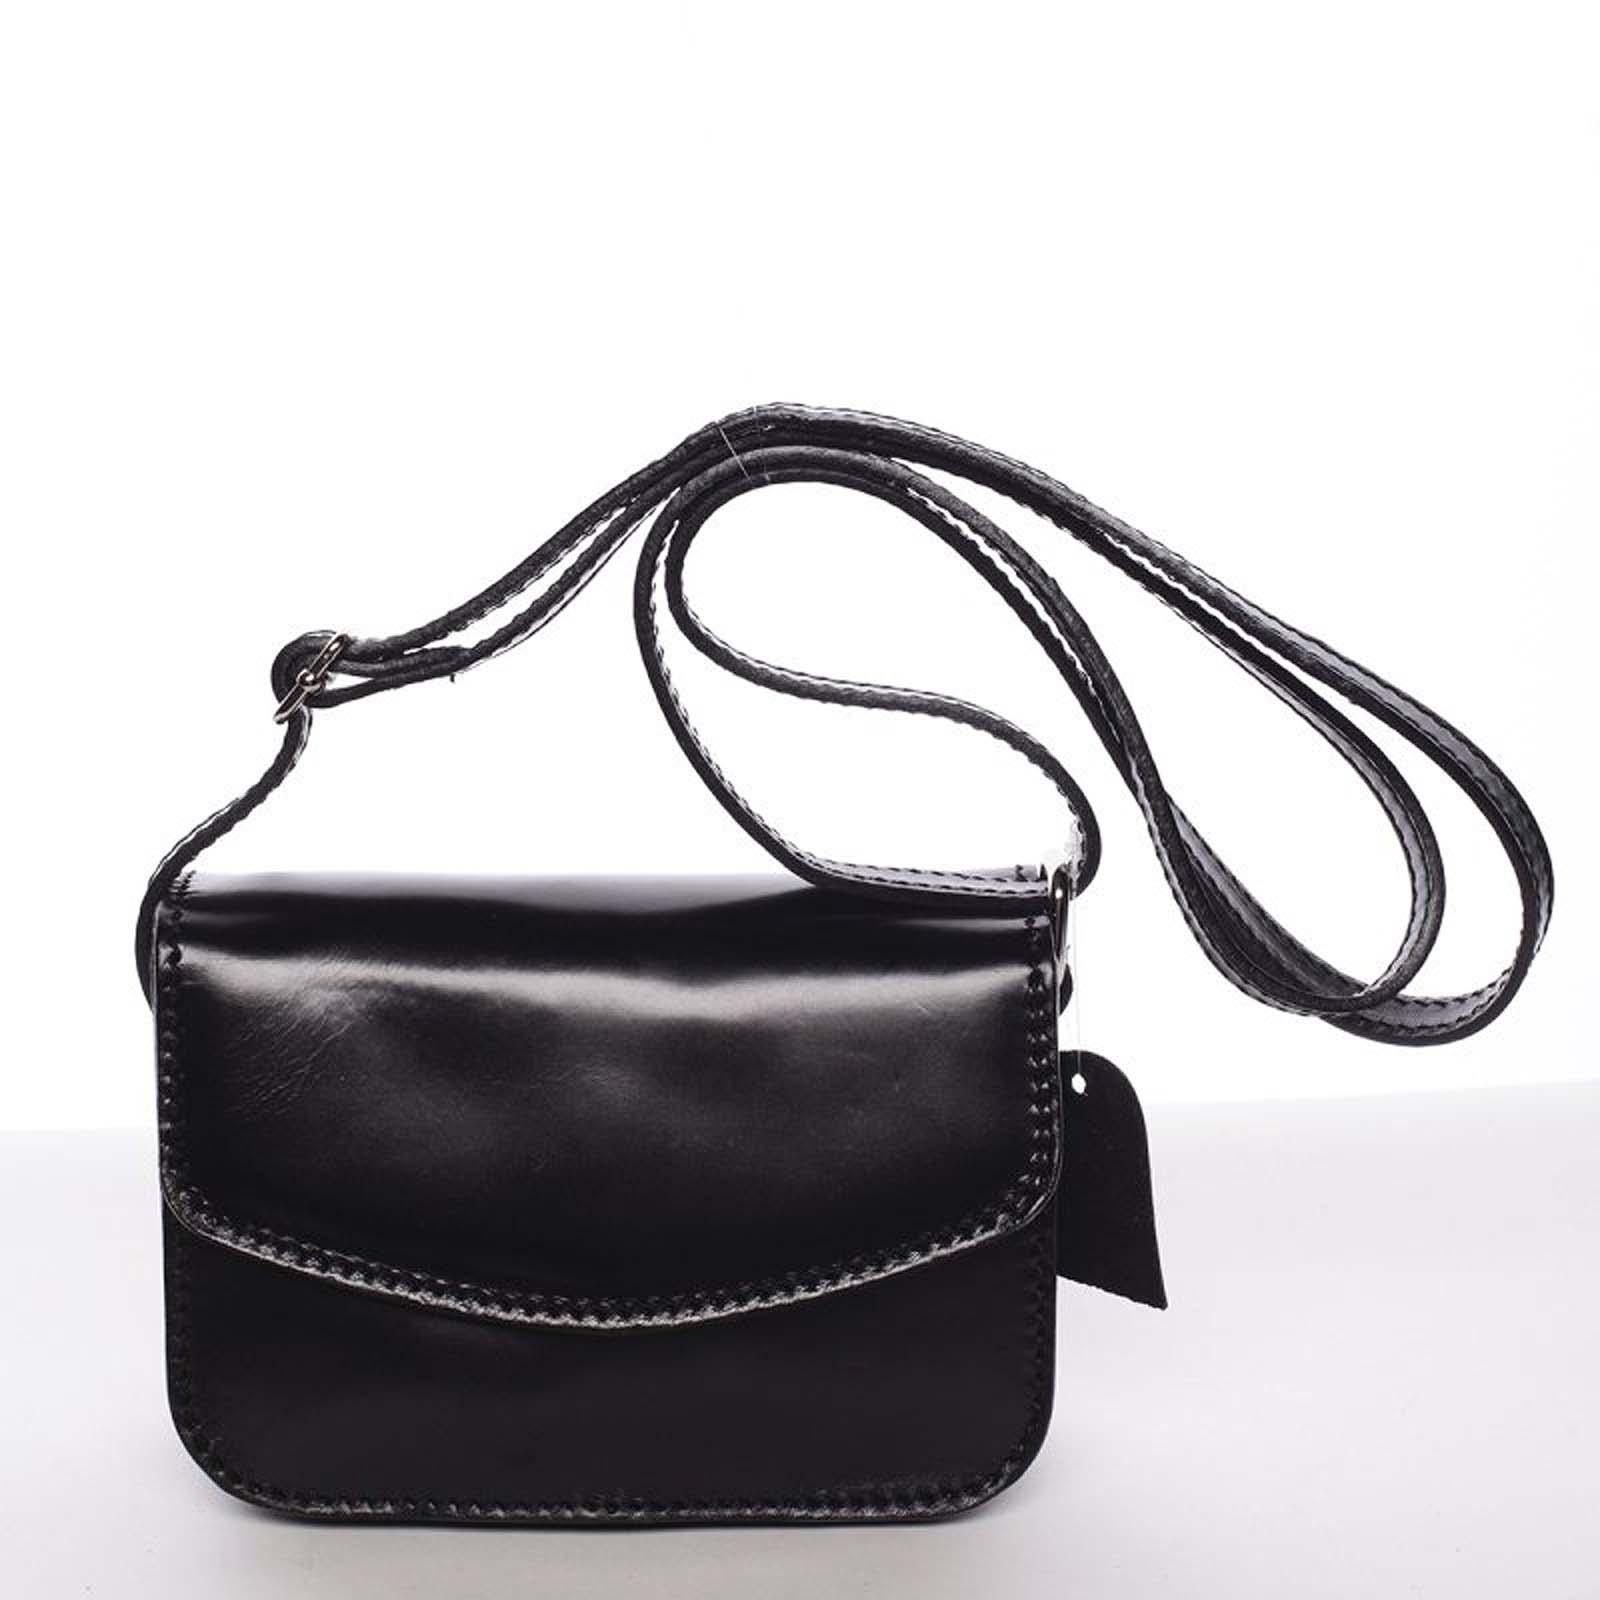 Malá kožená dámska crossbody kabelka čierna - ItalY Paulina čierna